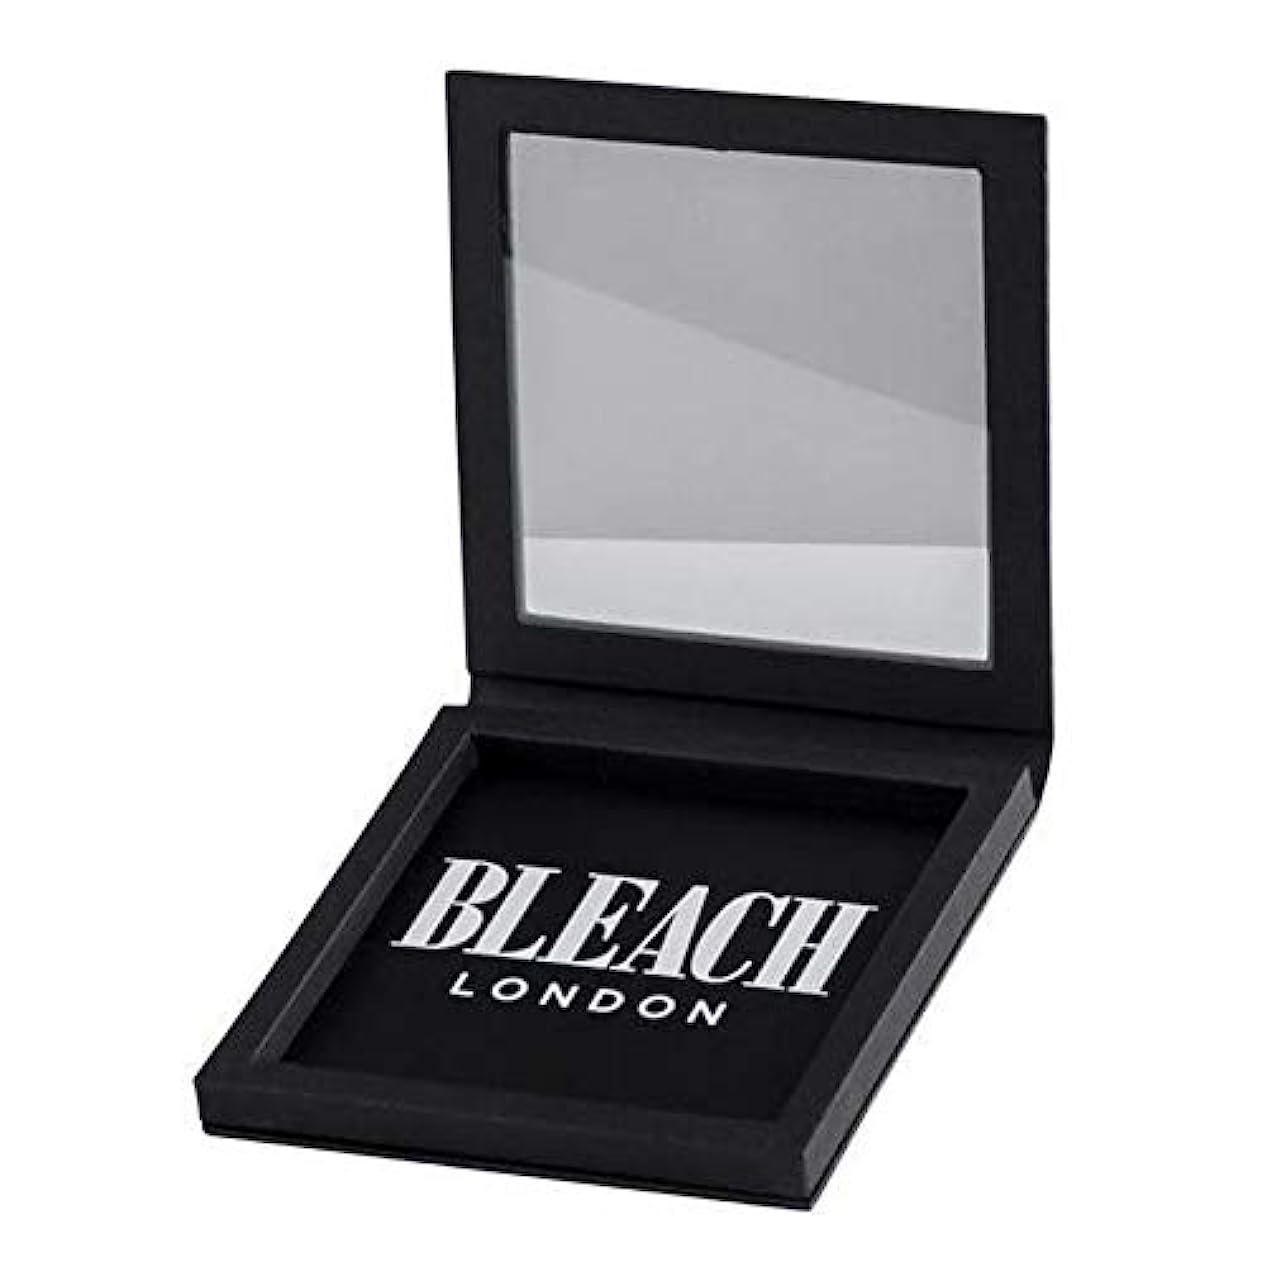 無謀ぼかし水素[Bleach London ] 小さなパレットByo漂白ロンドン - Bleach London BYO Palette Small [並行輸入品]